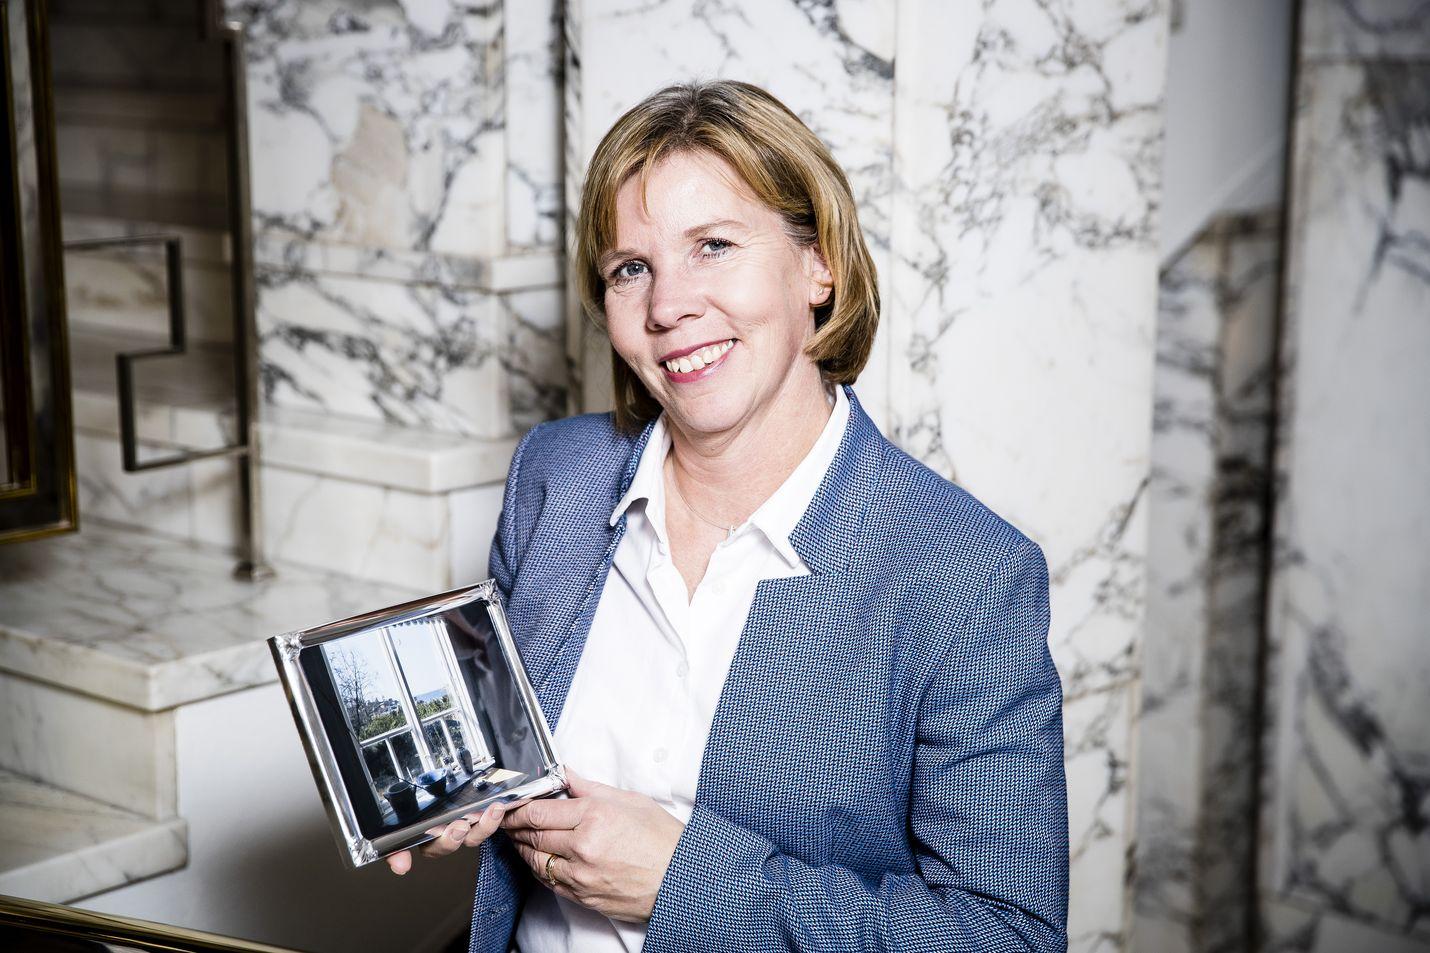 Anna-Maja Henriksson viettää kesänsä Mässkärin saaressa Pietarsaaren saaristossa. Hän esitteli ikkunasta näkyvää maisemaa keväällä 2019 Lännen Median puheenjohtajasarjassa, jossa puolueen puheenjohtajia pyydettiin tuomaan mukanaan itselleen tärkeä esine.